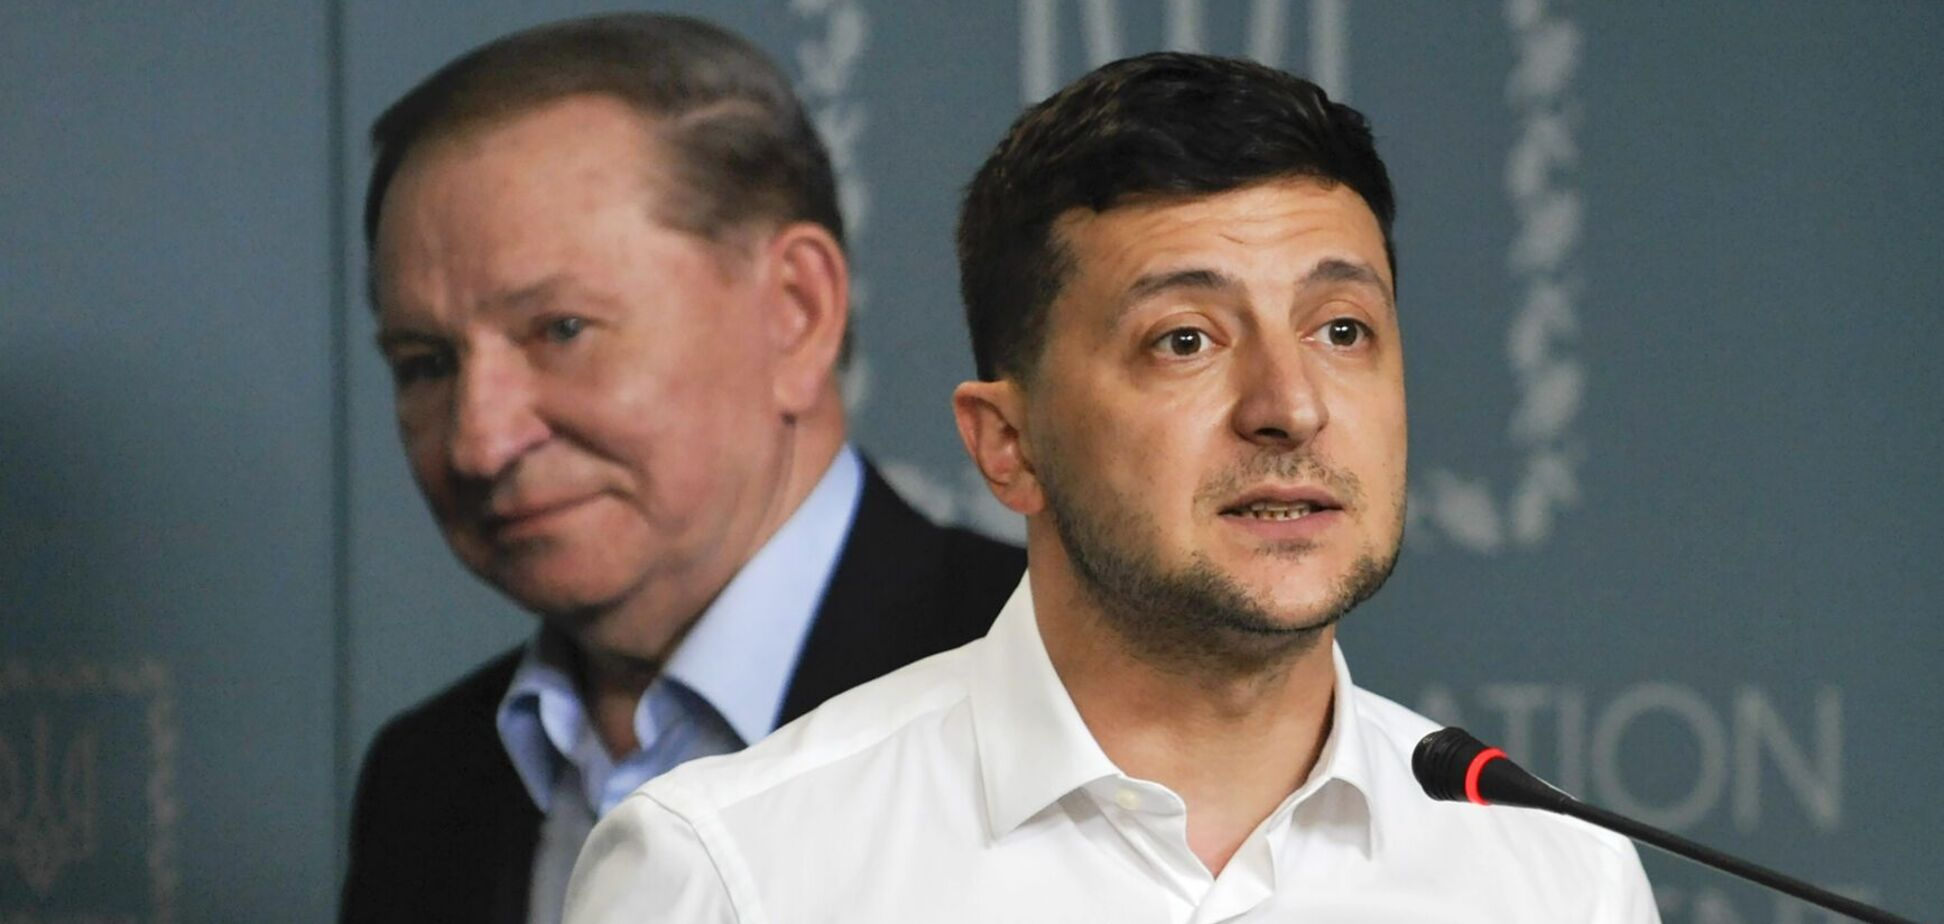 Смотреть Путину в глаза никто не хочет: Тука назвал проблему с главой ТКГ